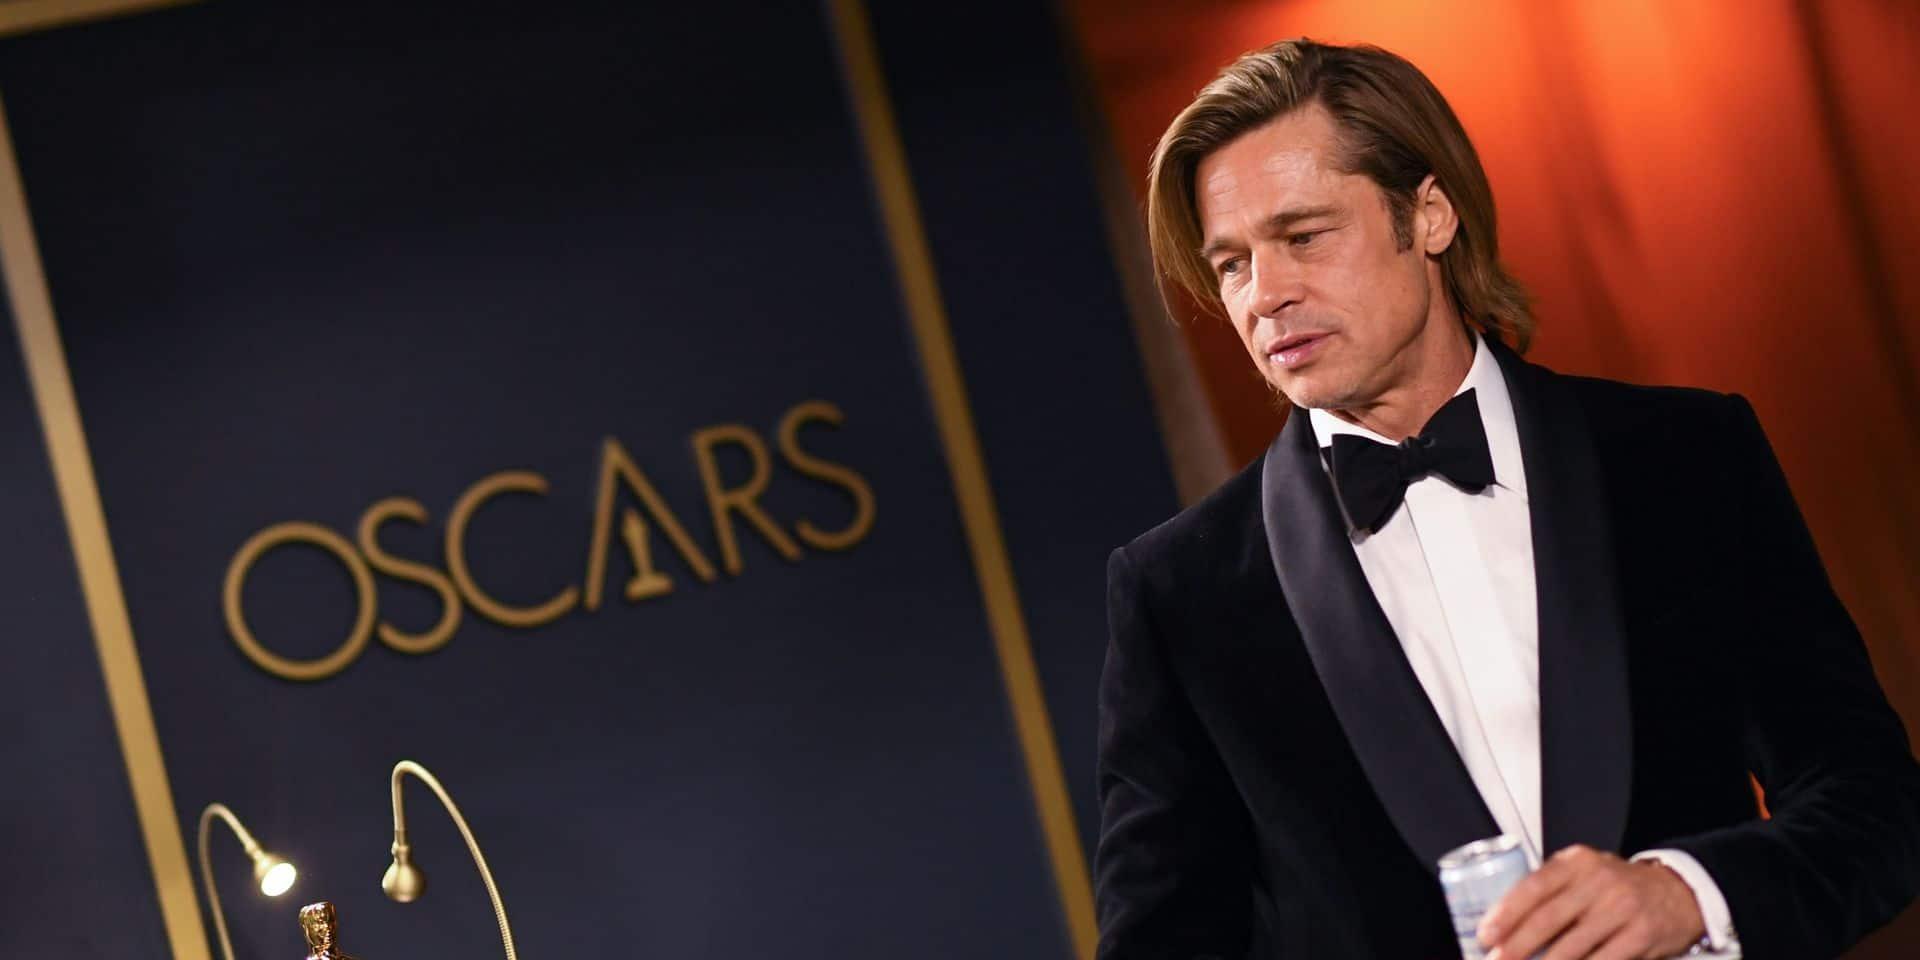 Brad Pitt ému, les Obama à l'honneur: les temps forts de la 92e cérémonie des Oscars